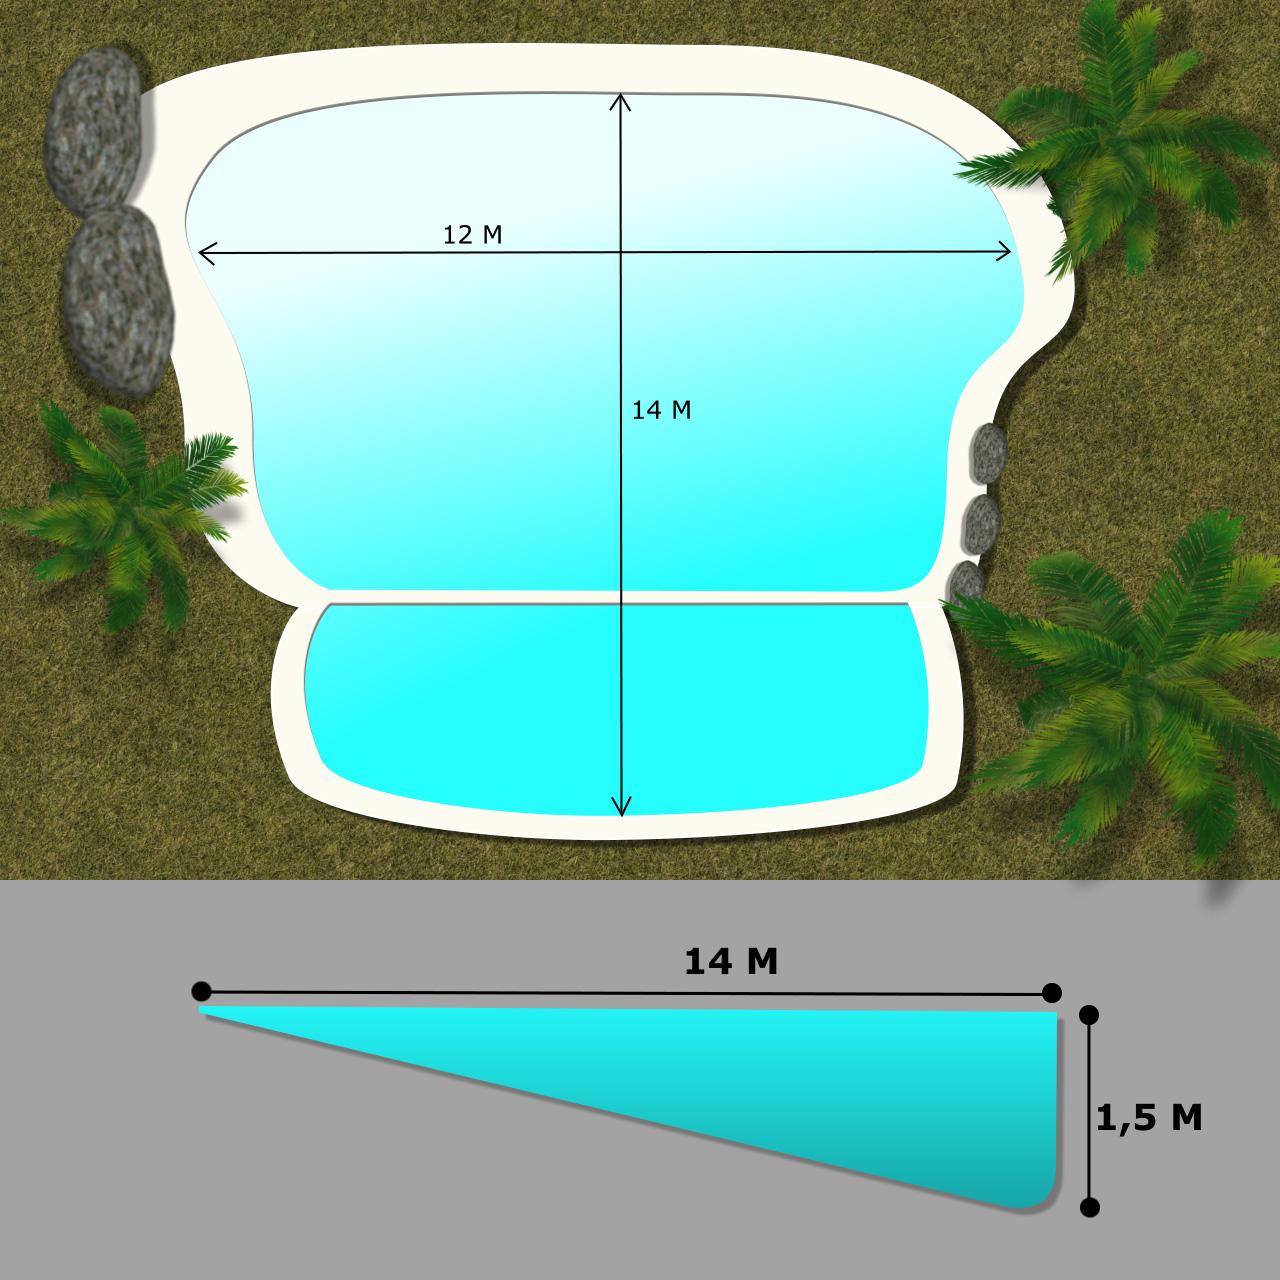 Catalogo piscinas de arena microcemento online for Piscinas online ofertas